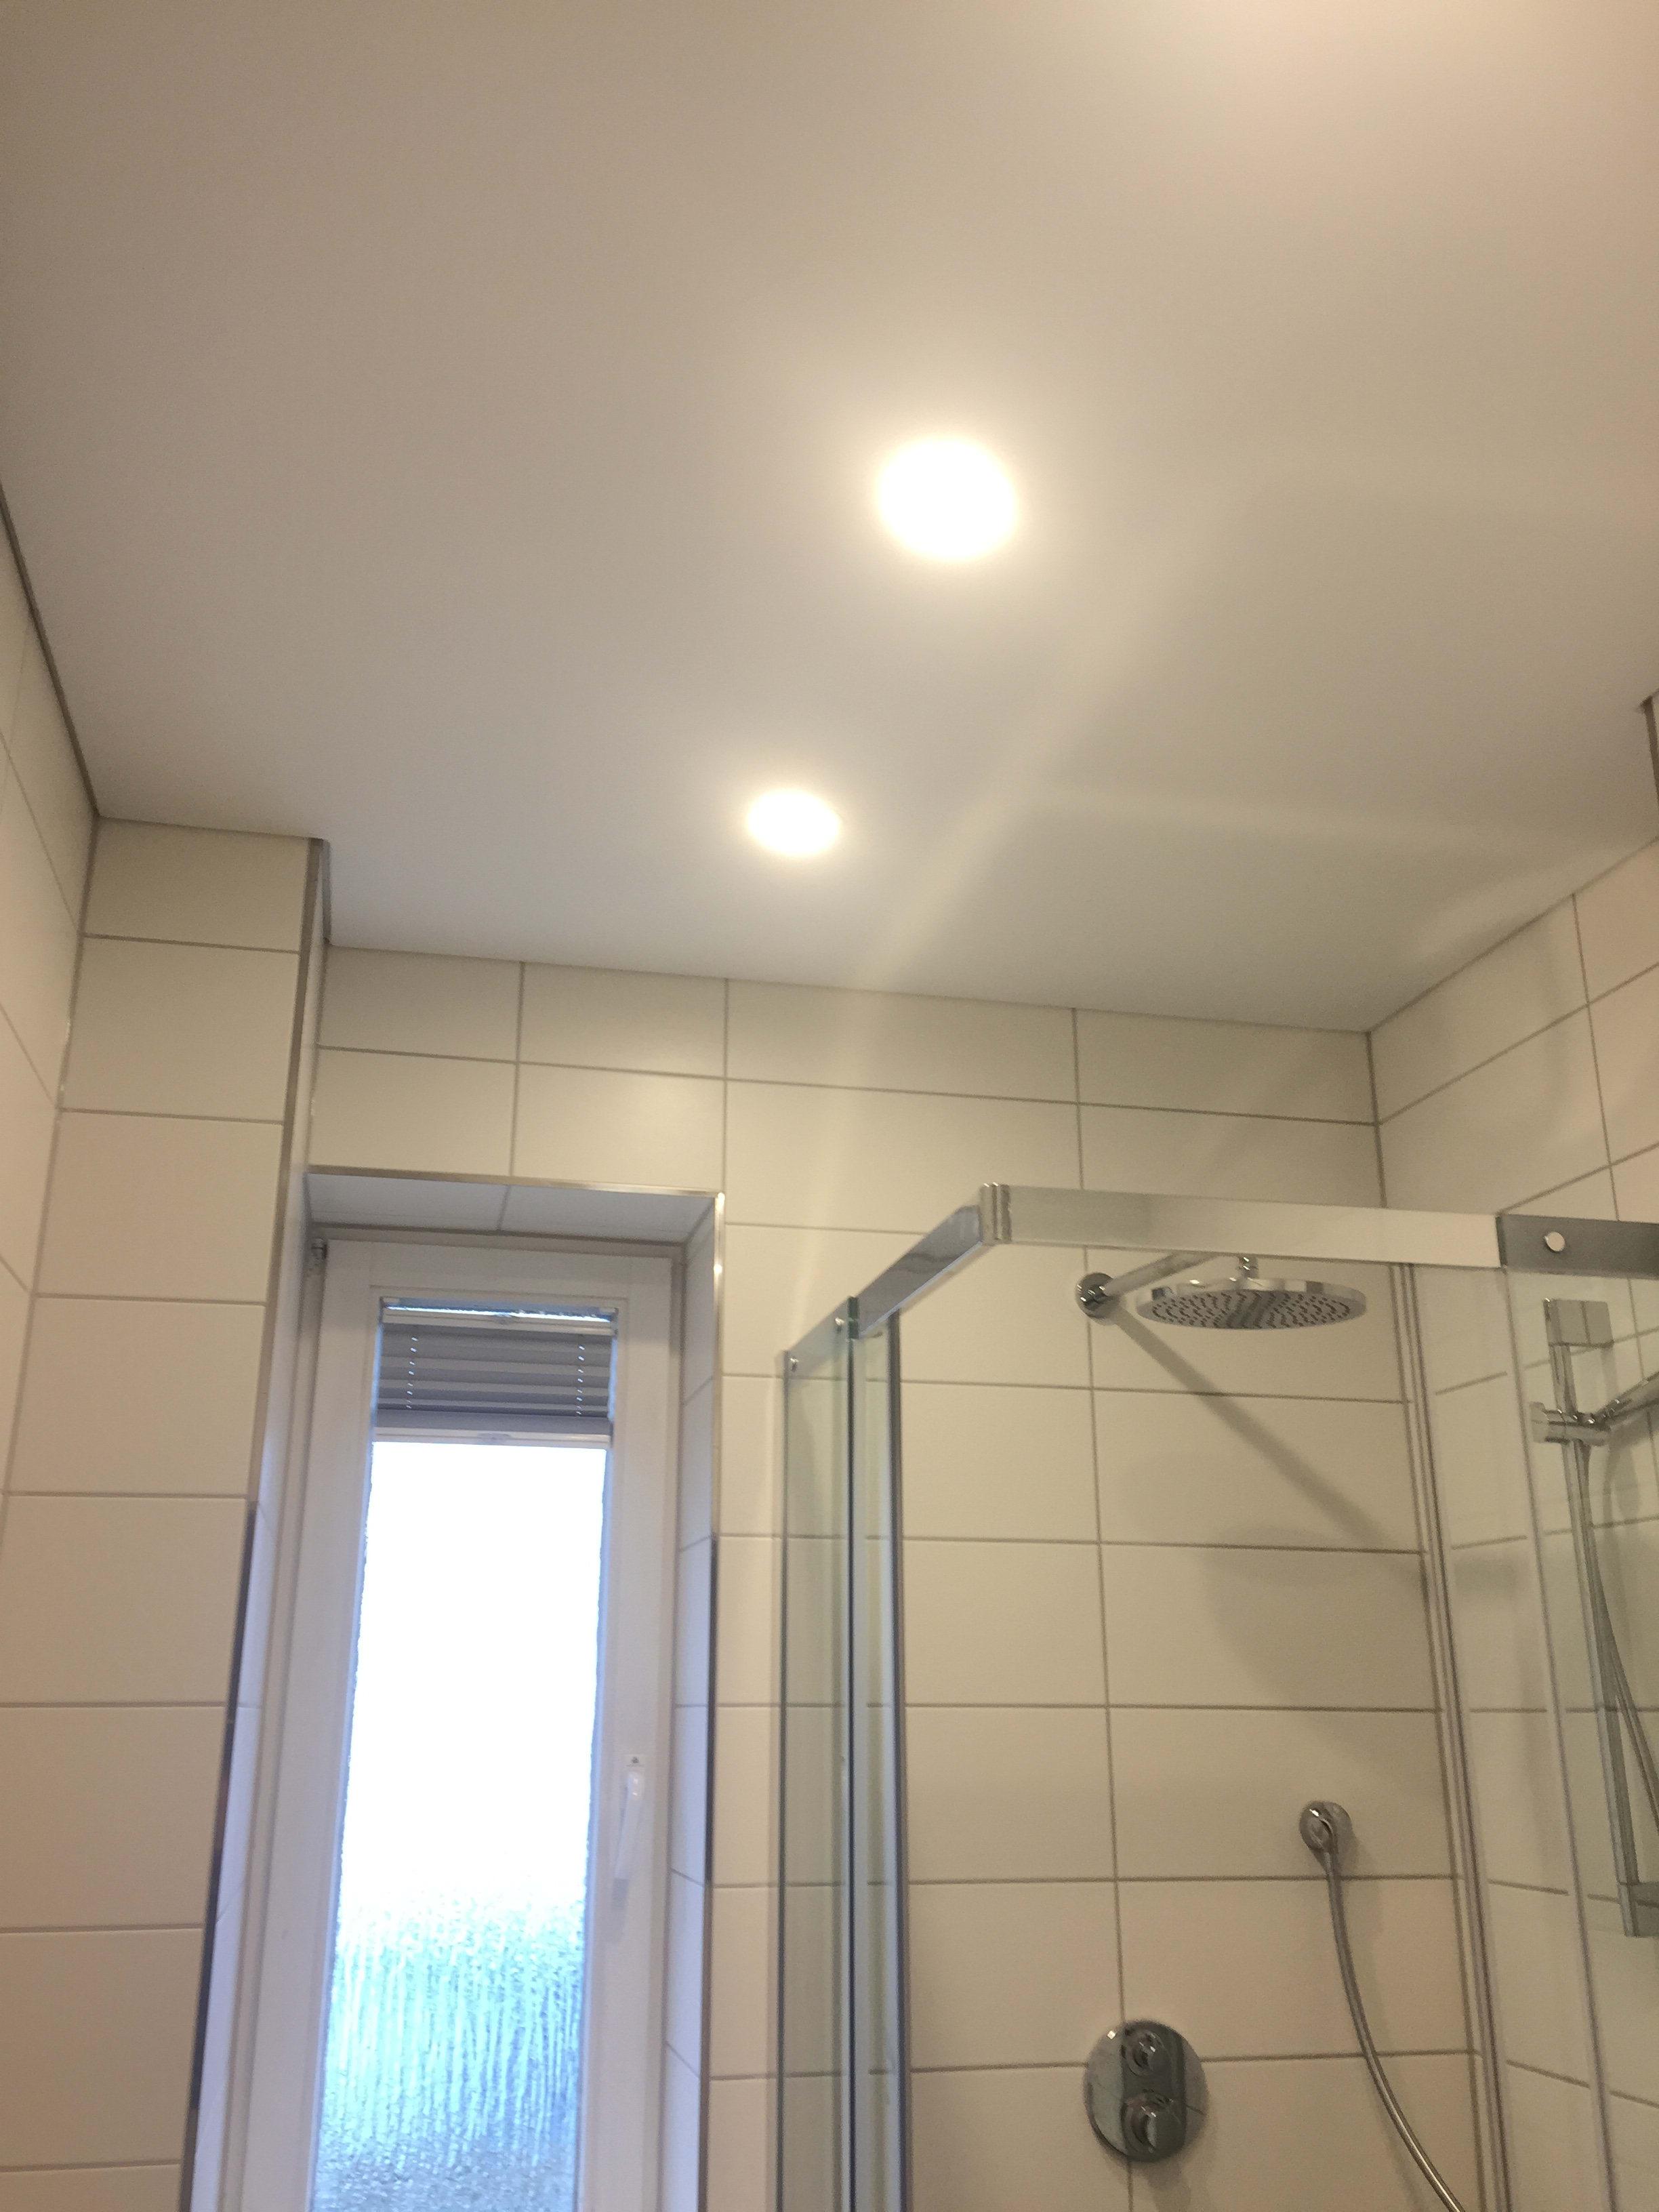 deckenstudiojenß montiert Spanndecken im Badezimmer